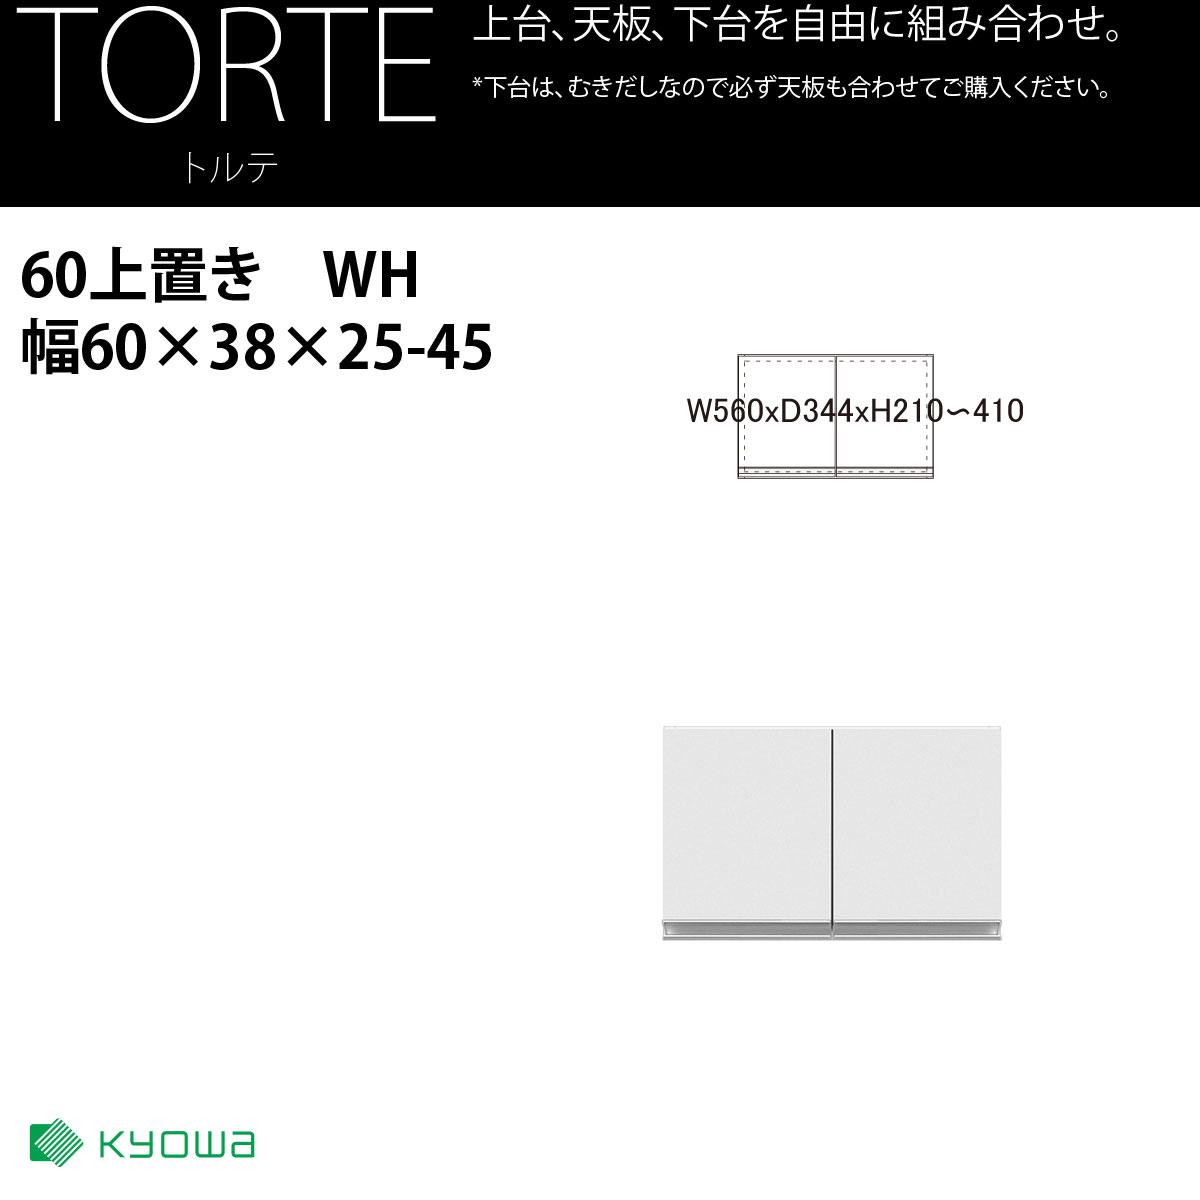 共和産業 トルテ 高さオーダー上置き 60 ホワイト【幅60×高さ25-45cm】 日本製 国産